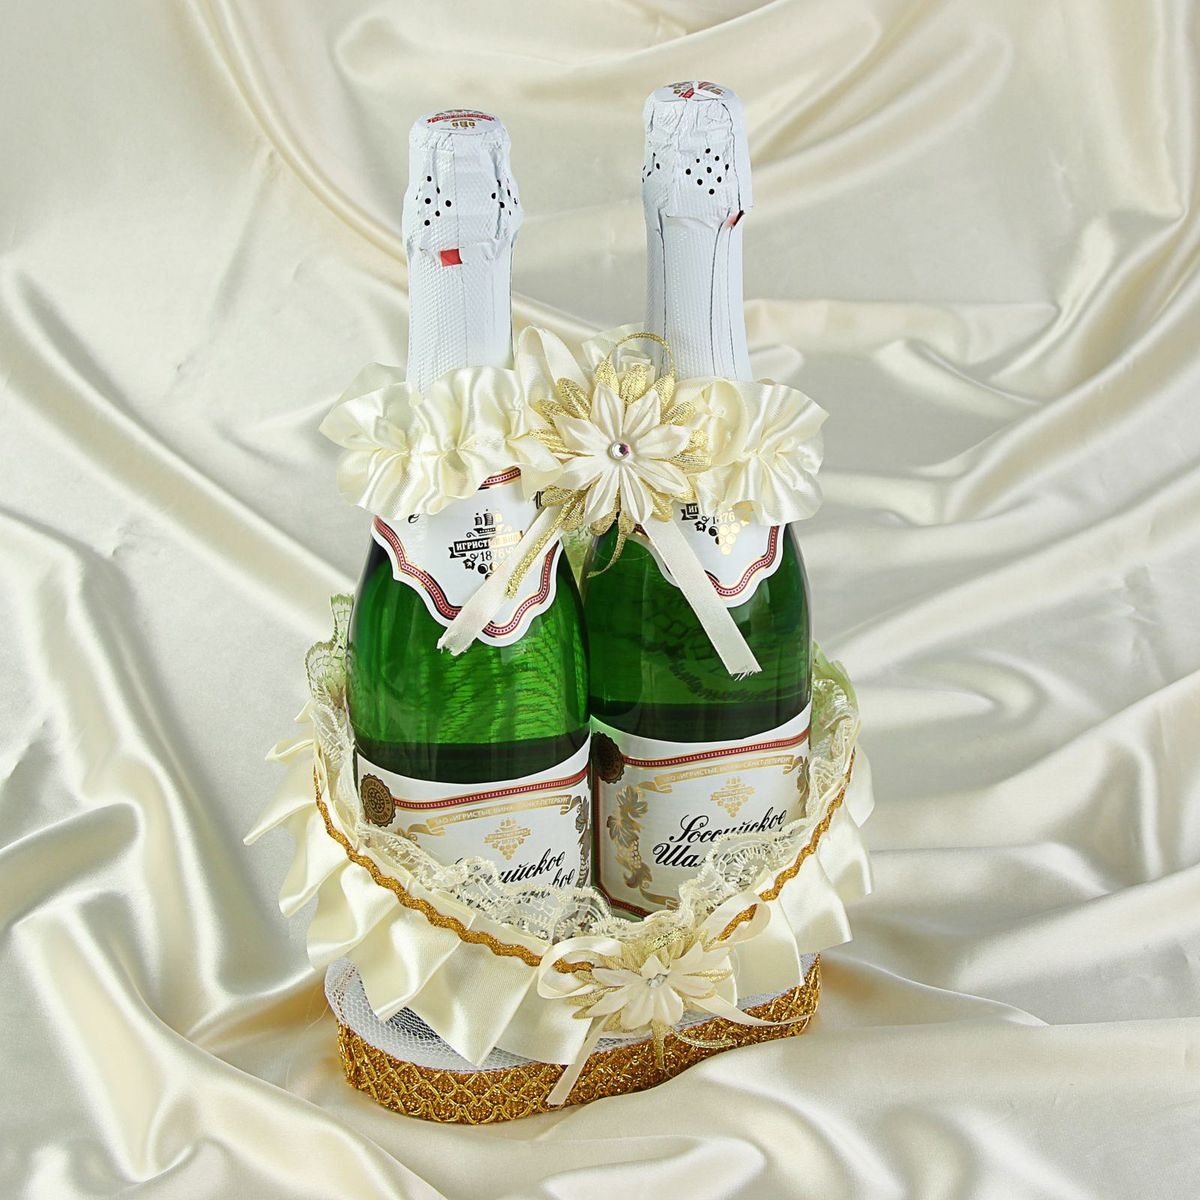 Корзинка для шампанского ладья Sima-land, цвет: золотистый. 1247458 корзинка для мелочей sima land цвет оранжевый диаметр 15 см